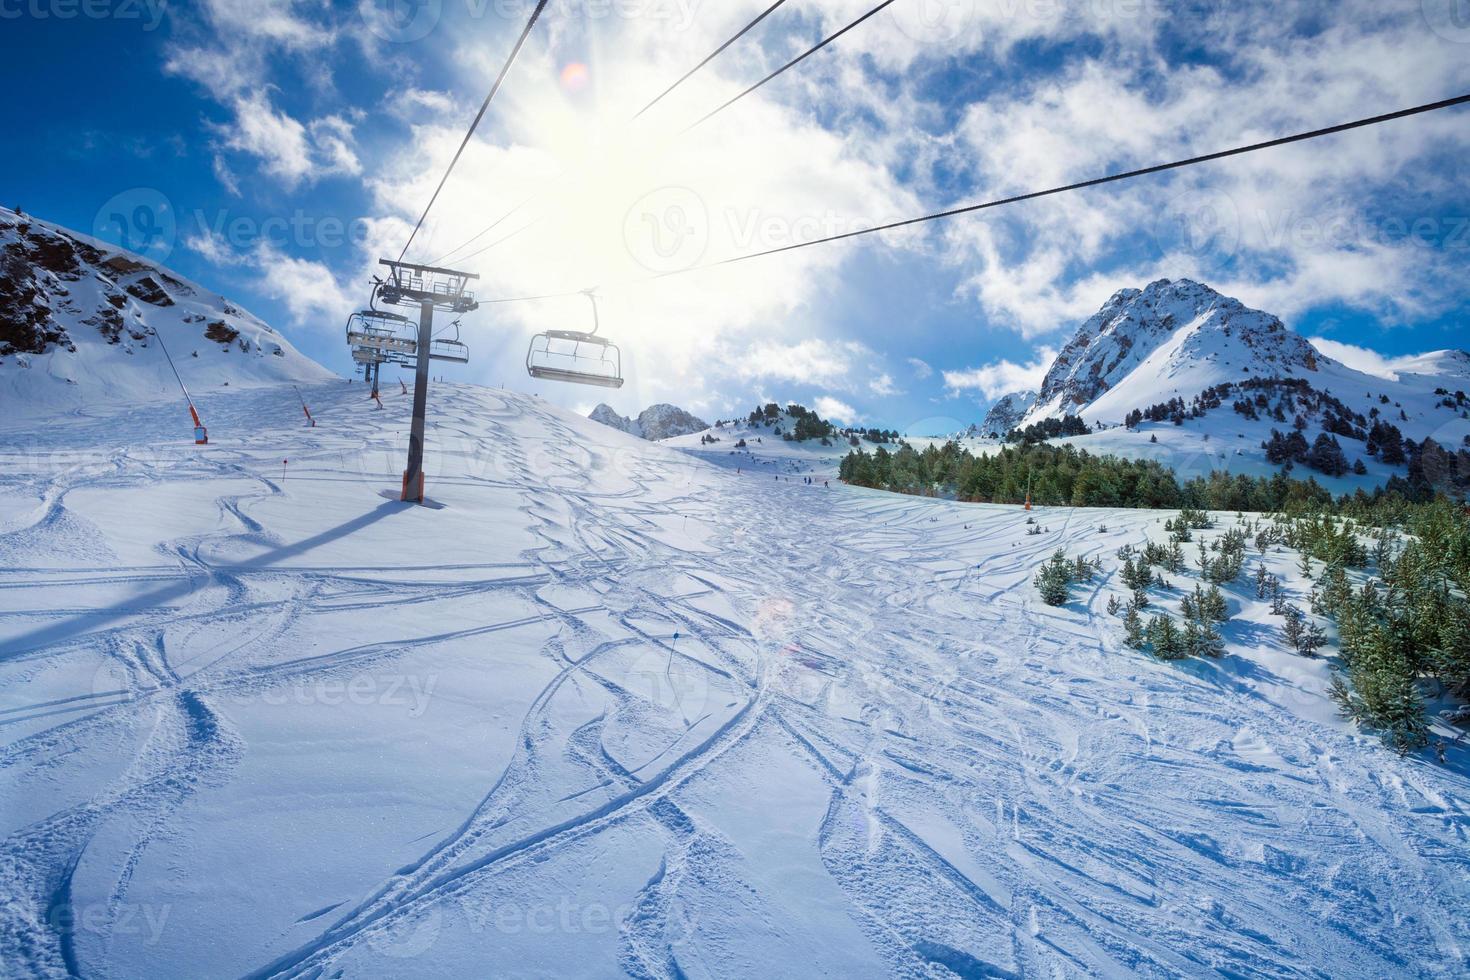 teleférico em uma montanha coberta de neve foto